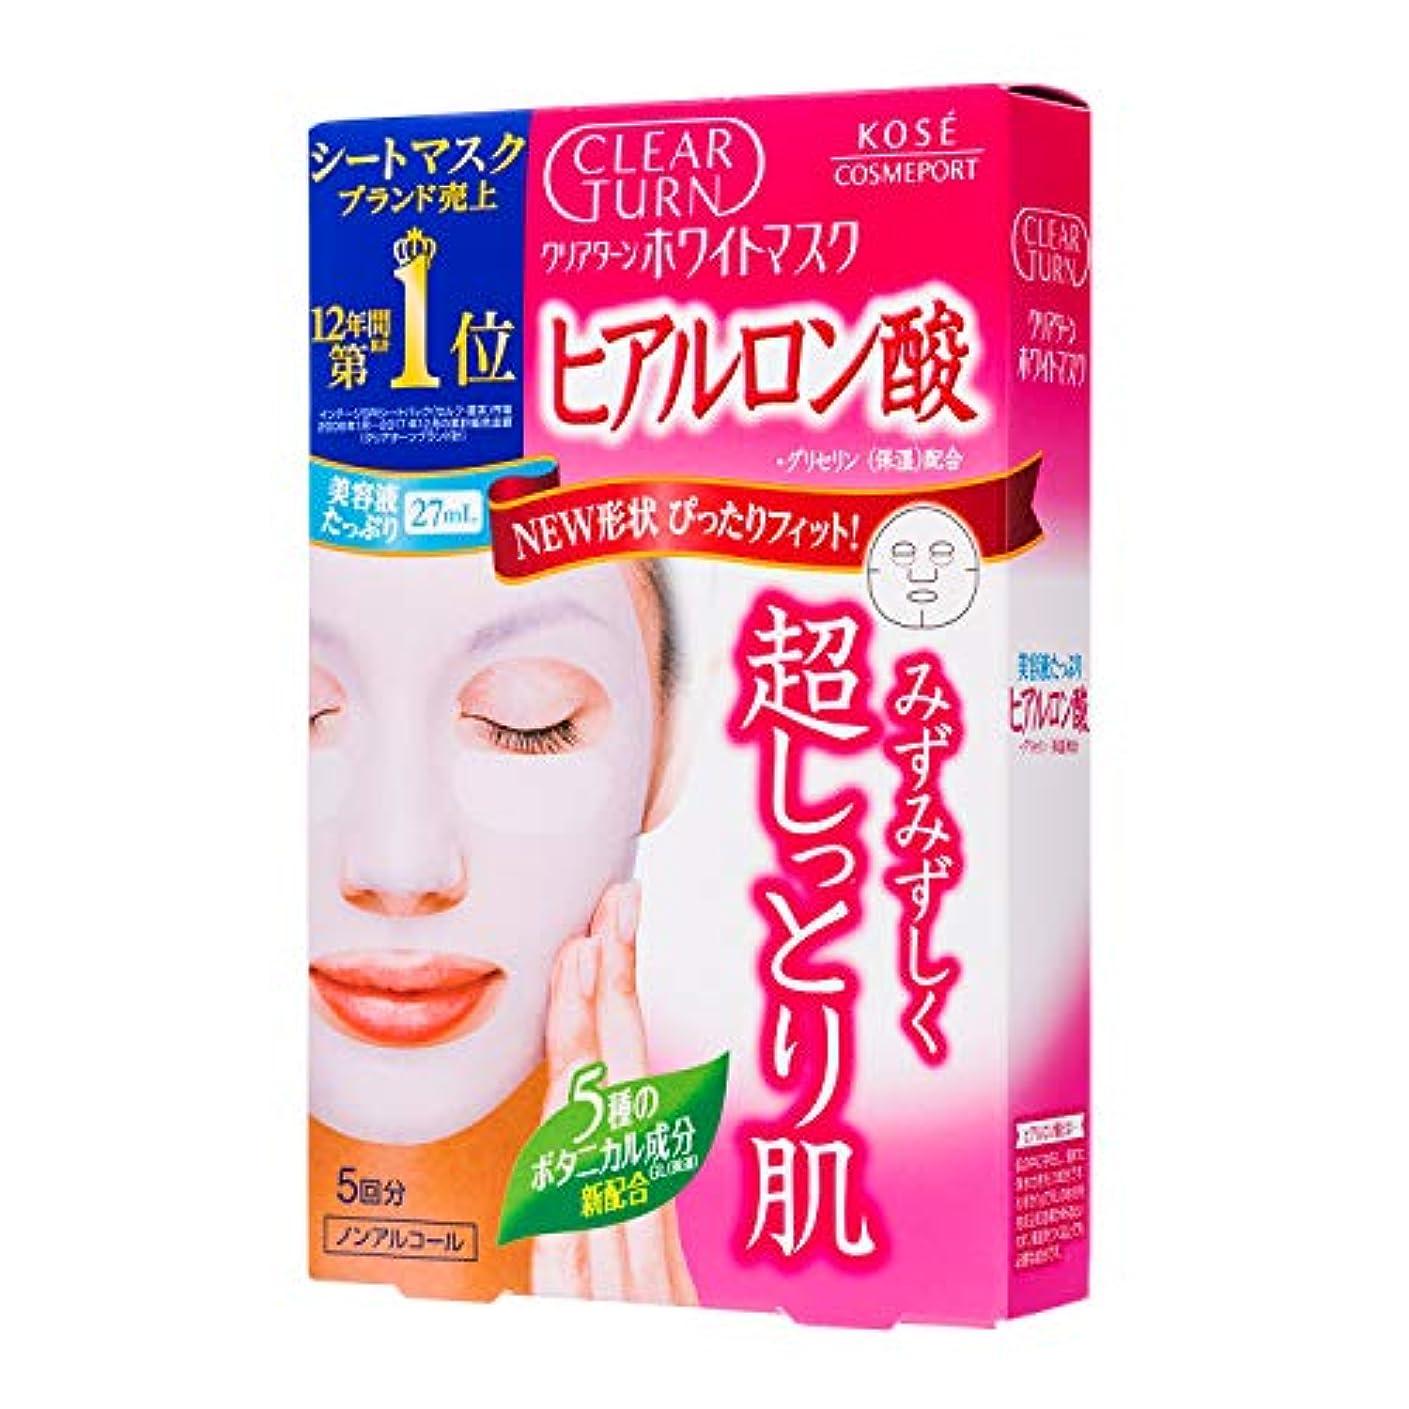 管理する意図するセッションKOSE コーセー クリアターン ホワイト マスク HA (ヒアルロン酸) 5回分 (22mL×5)